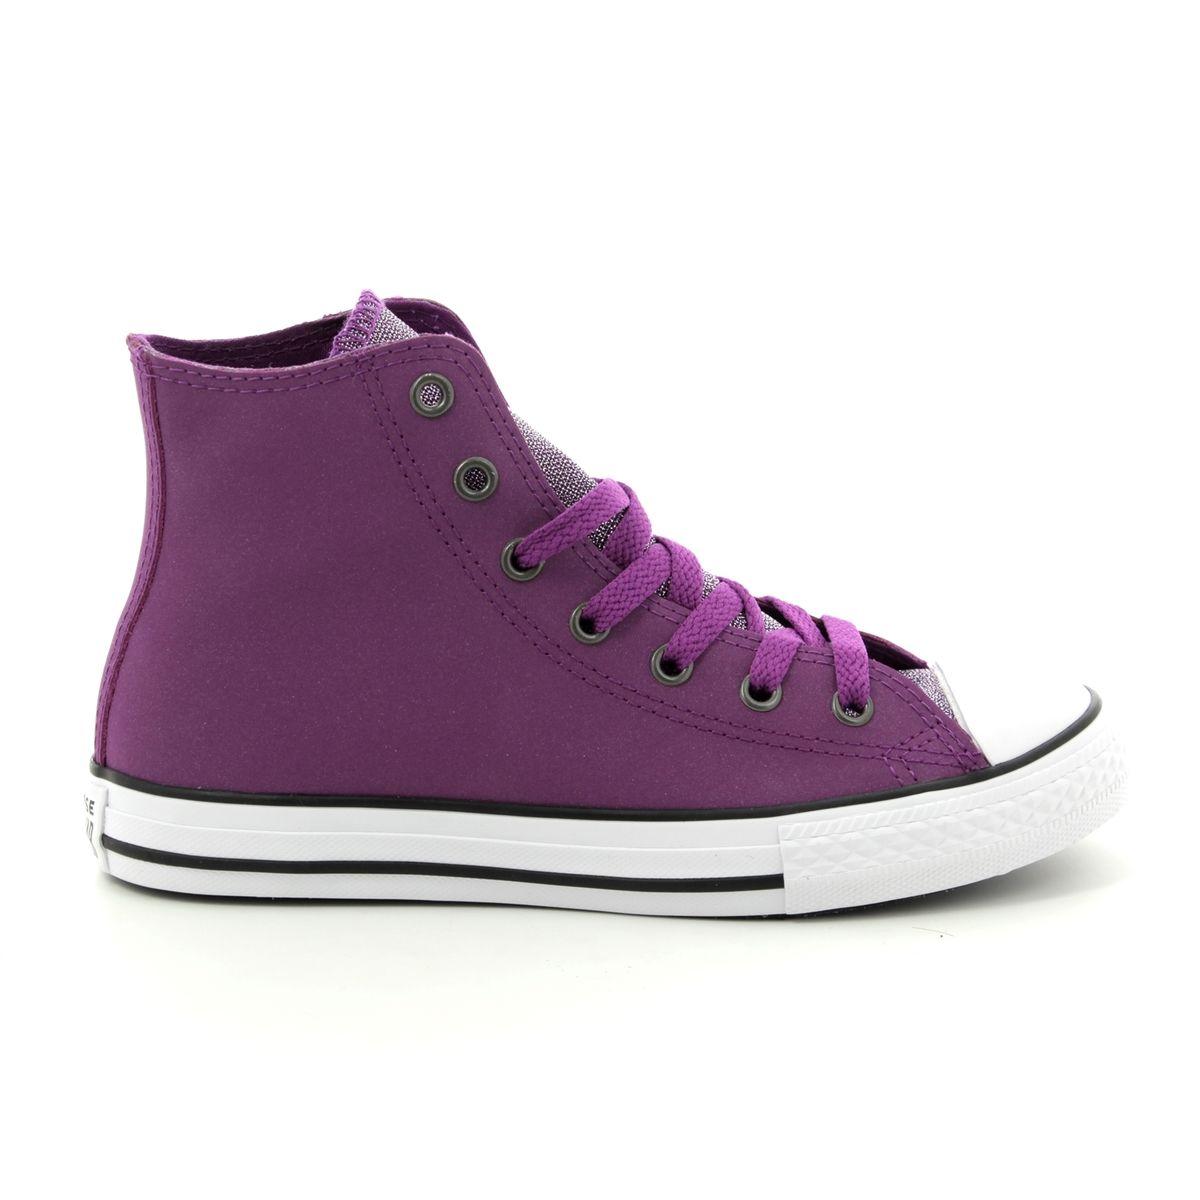 Converse Trainers - Purple Glitz - 662298C ALLSTAR HI JNR 33ec35fff18de